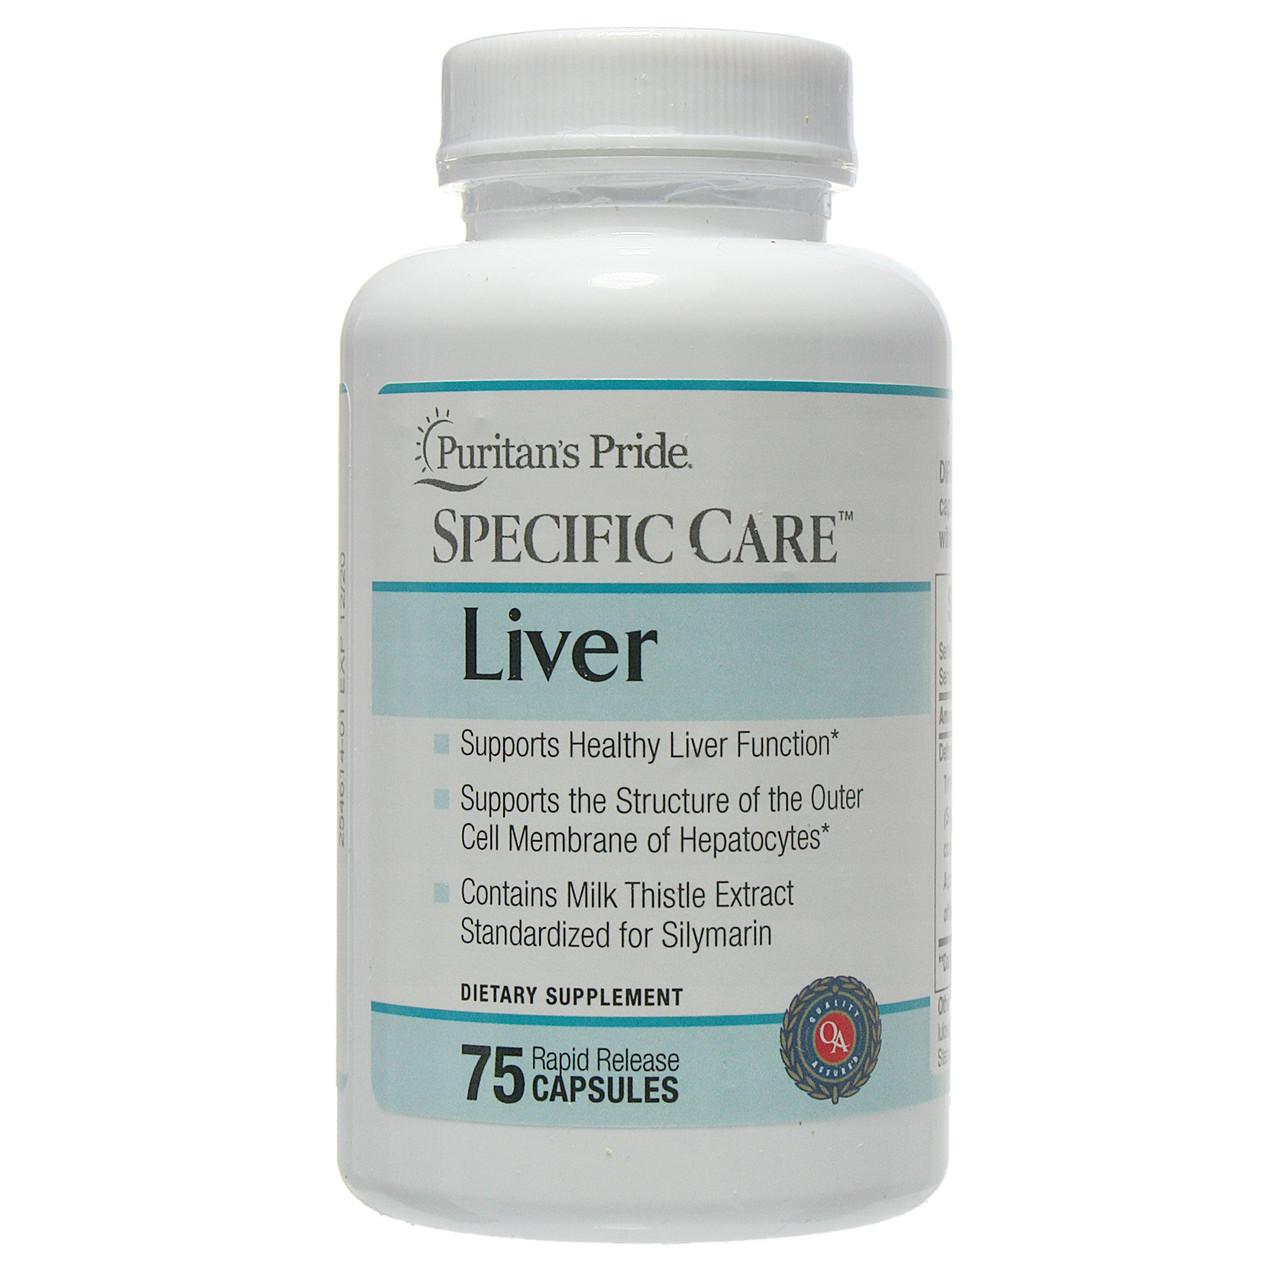 БАД для нормализации функций печени, Specific Care™ Liver, Puritan's Pride, 75 капсул